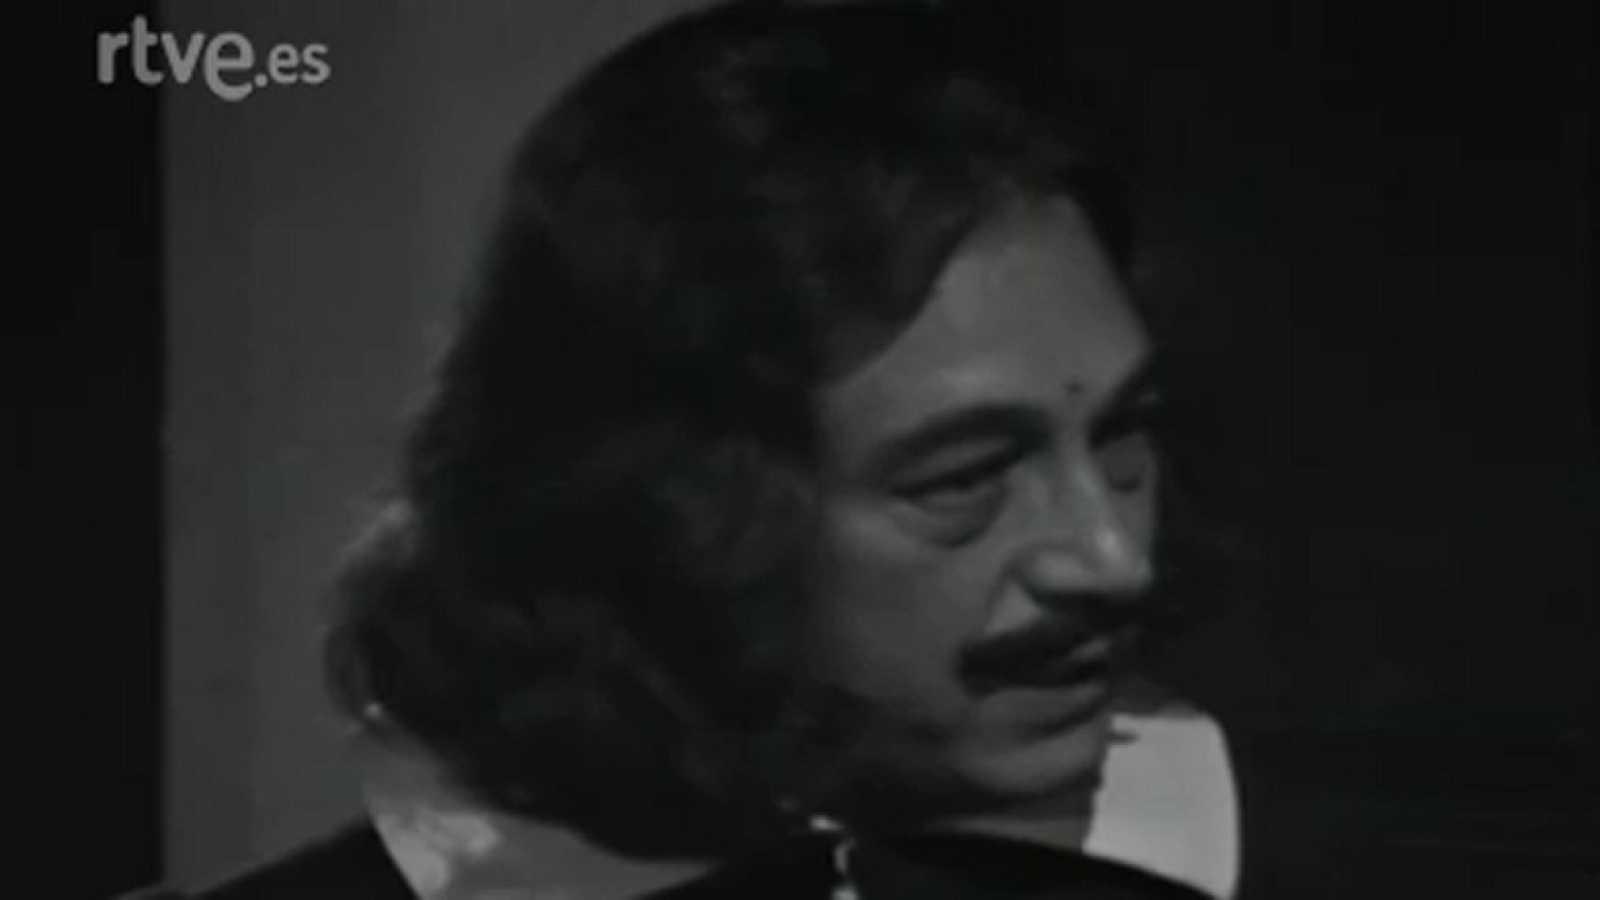 Noche de teatro - Las meninas (1974)